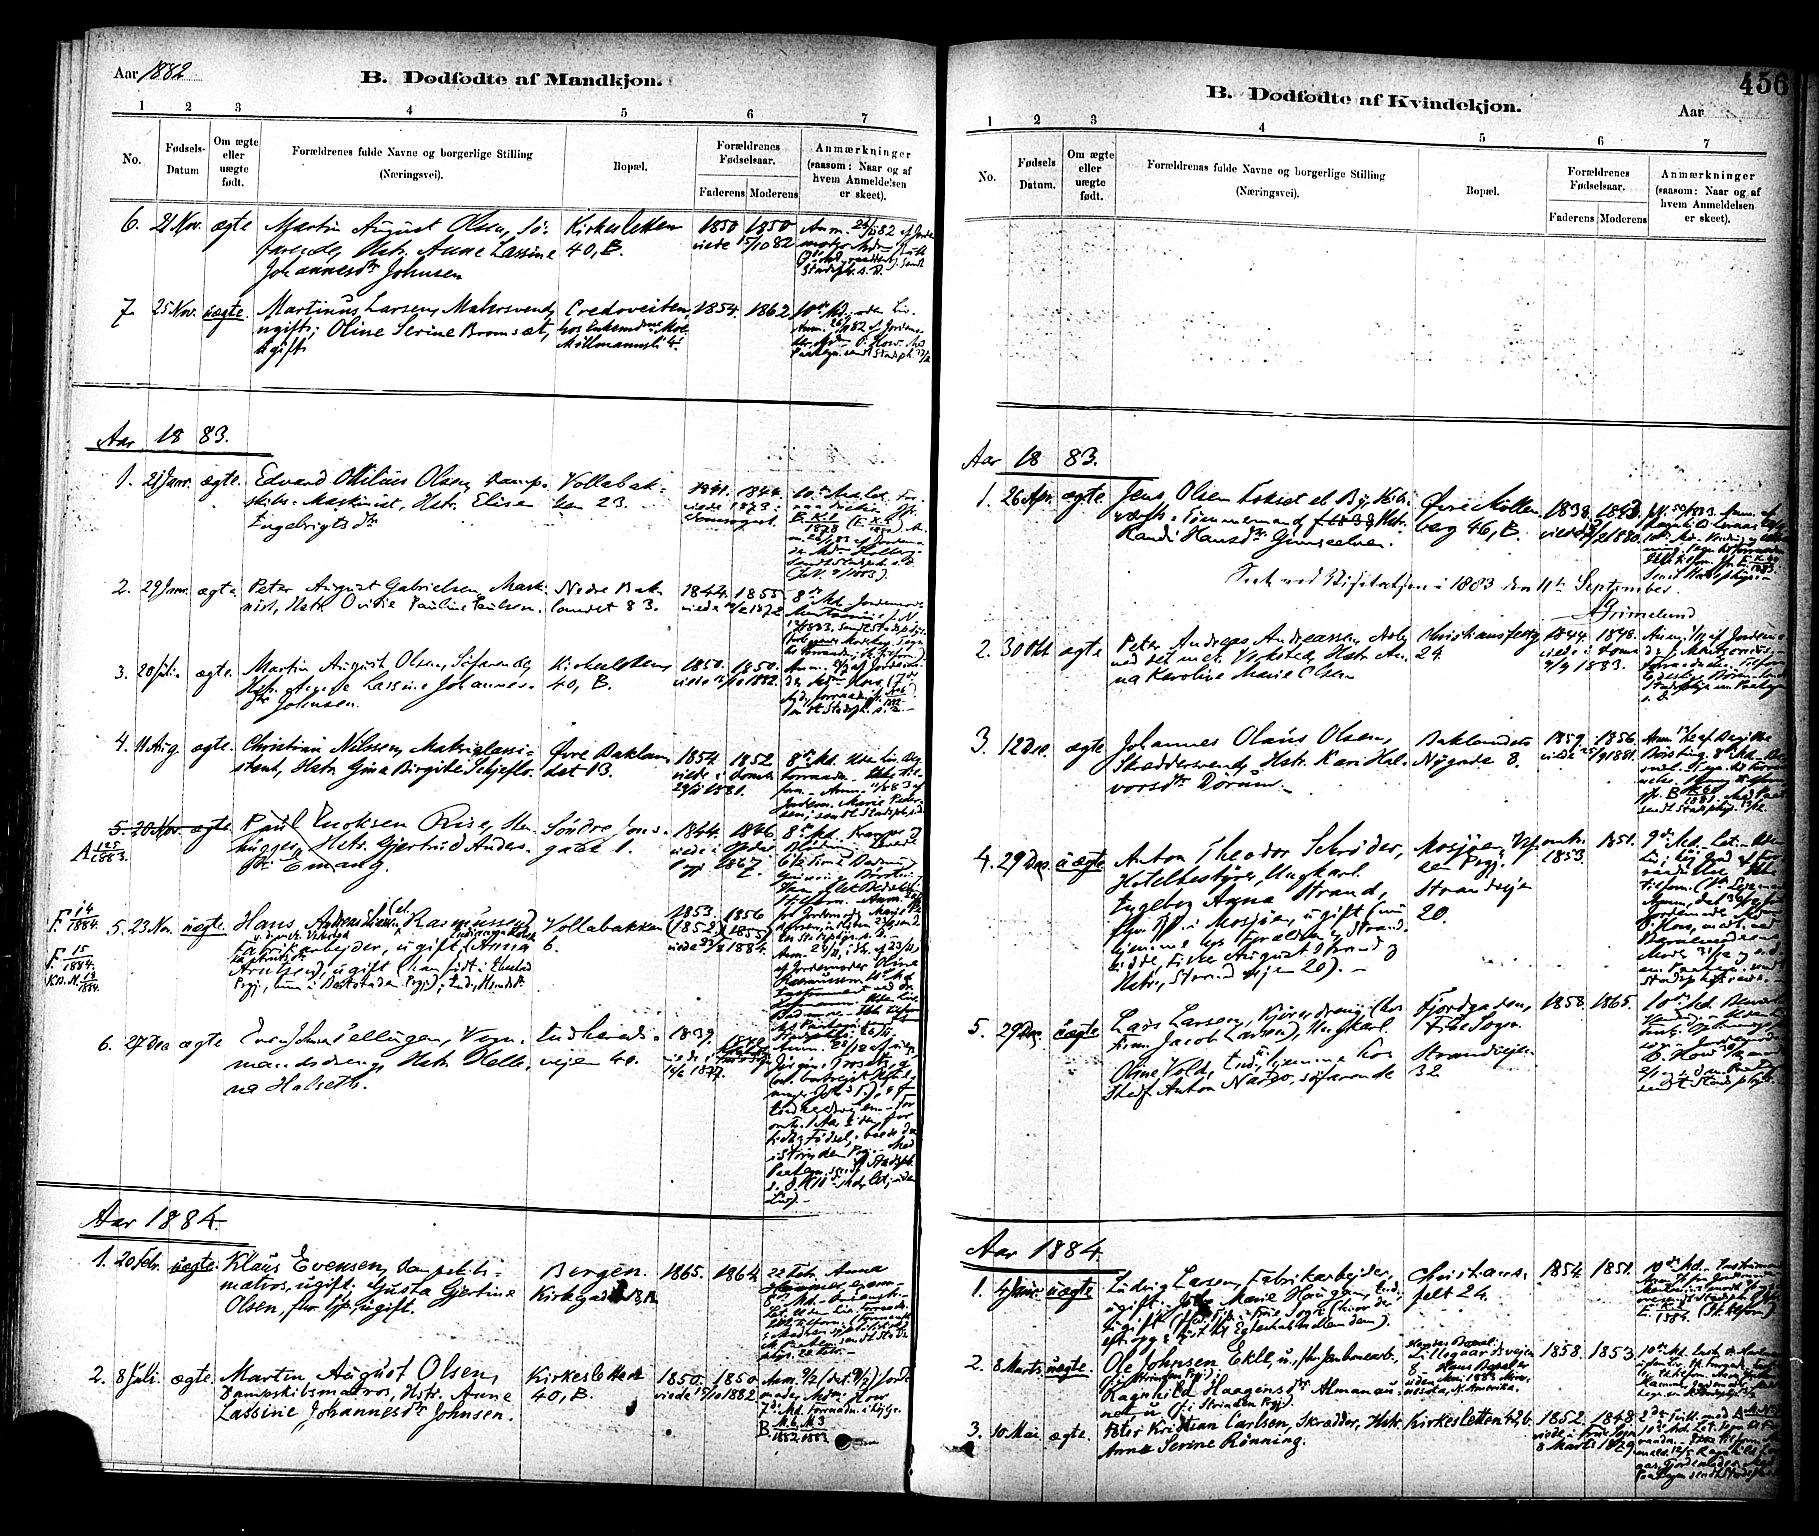 SAT, Ministerialprotokoller, klokkerbøker og fødselsregistre - Sør-Trøndelag, 604/L0188: Ministerialbok nr. 604A09, 1878-1892, s. 456